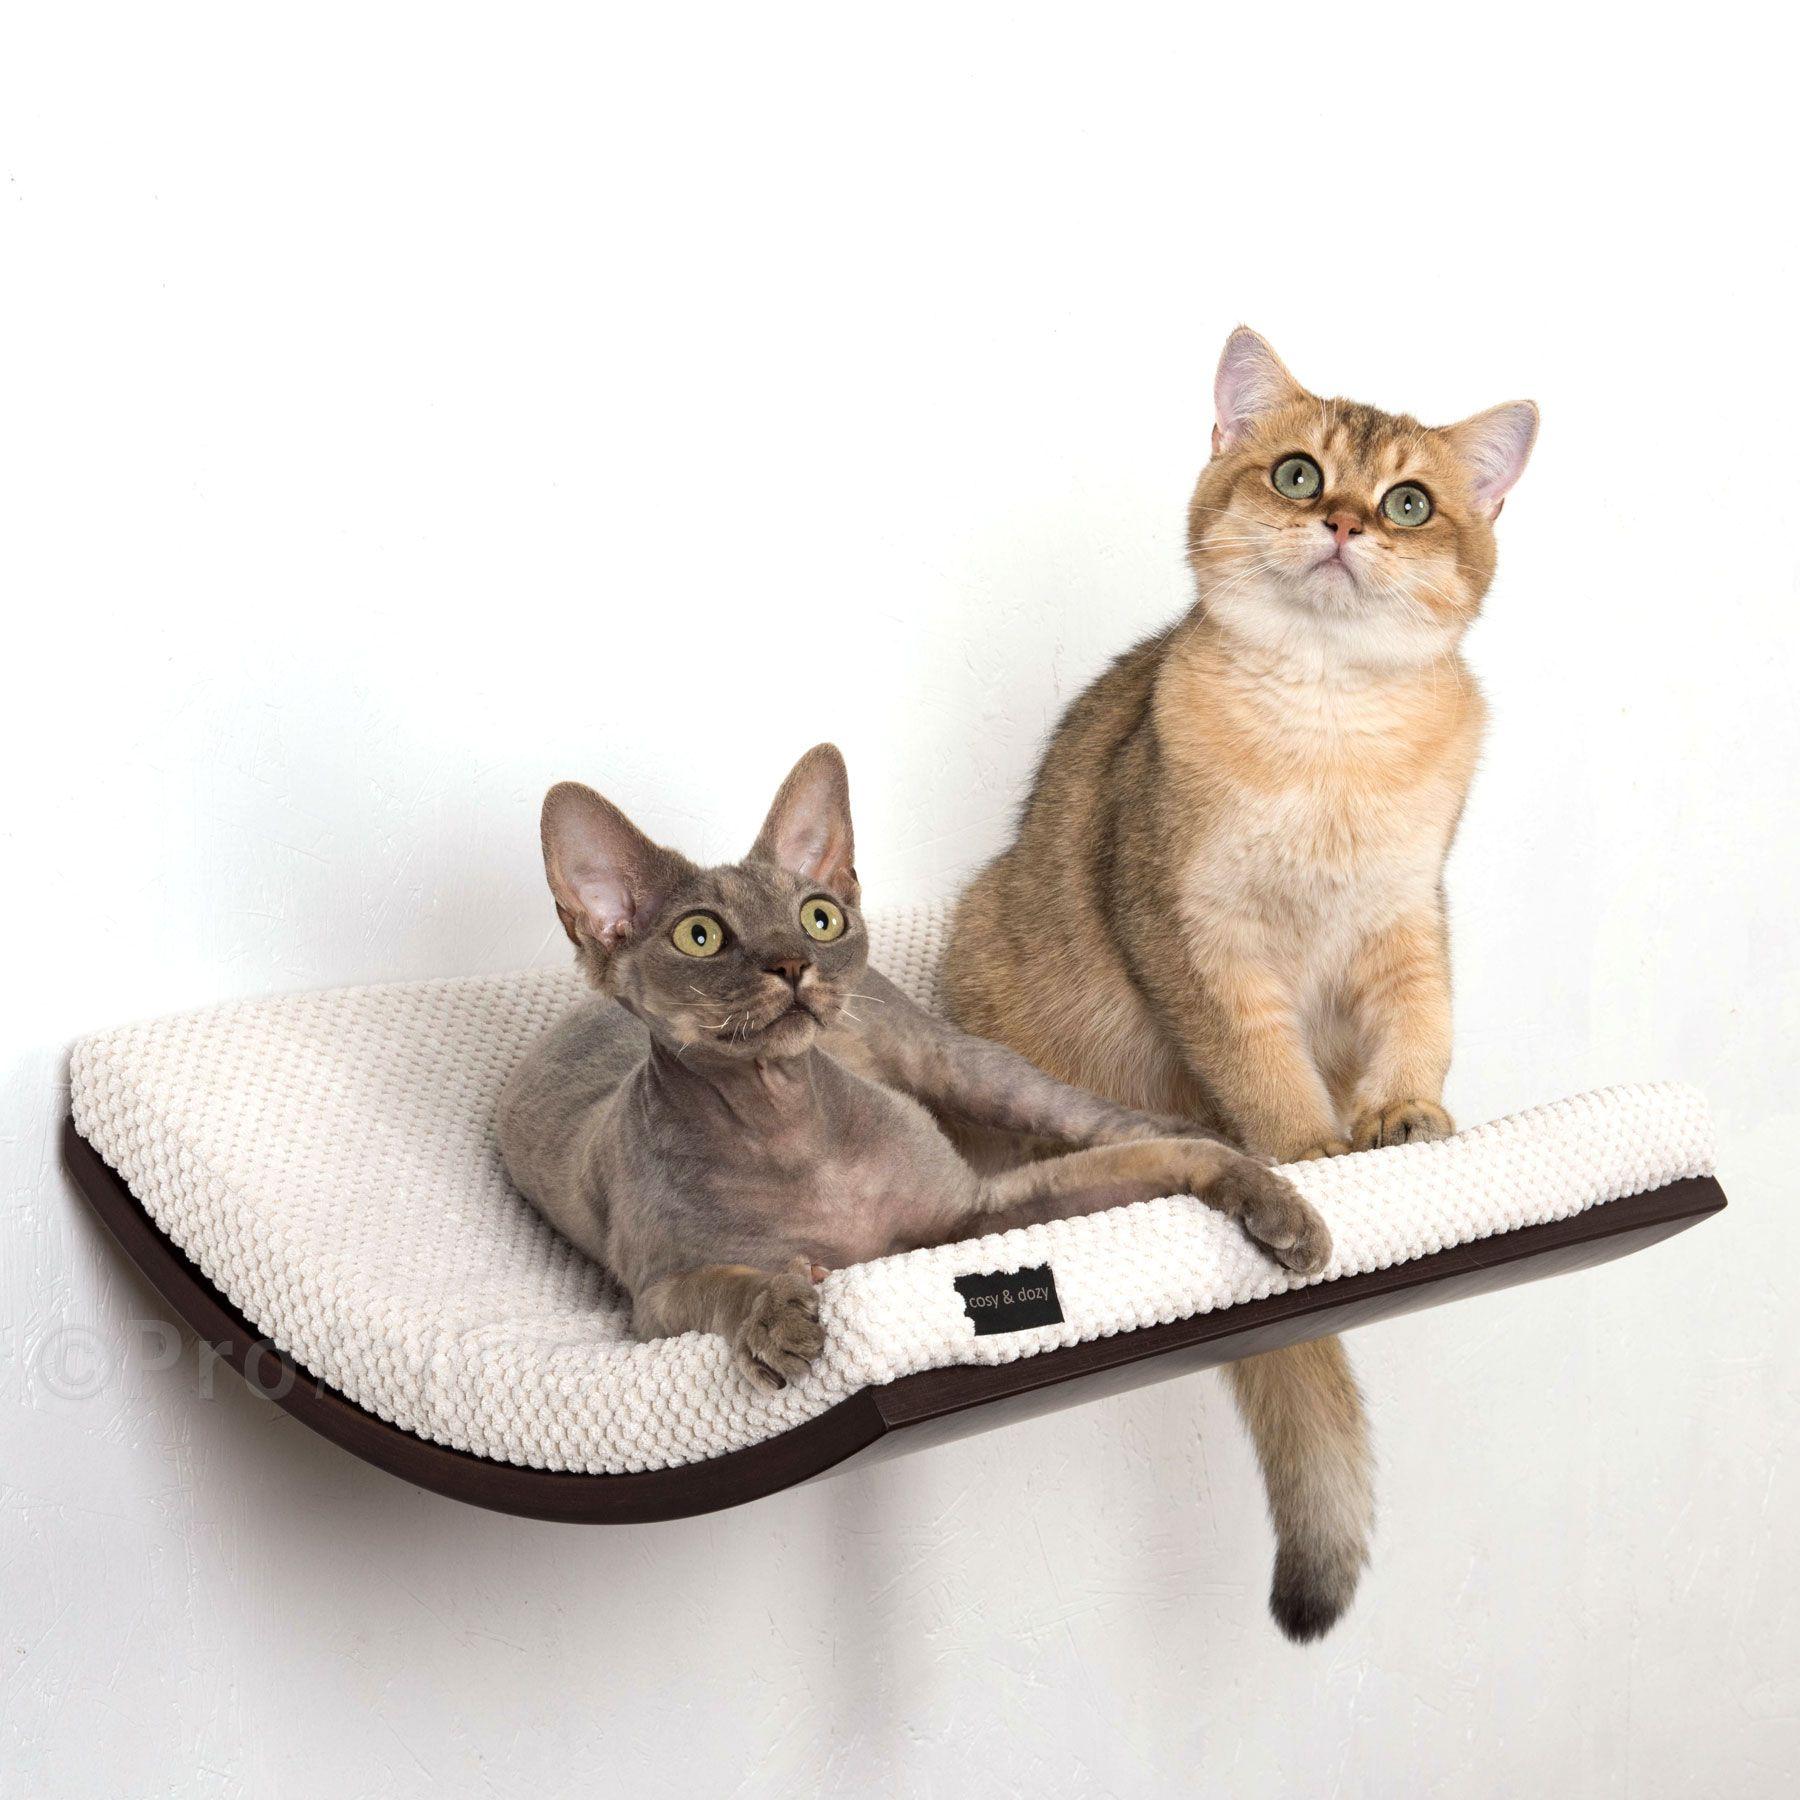 Edel geschwungene Wandliege von Cosy & Dozy mit kuscheliger Matratze. Die elegante Wandliege wird ihre Katze begeistern. Durch die gebogene Form ähnelt die Wandliege einer Mulde, in der sich ihre Katze besonders geborgen...